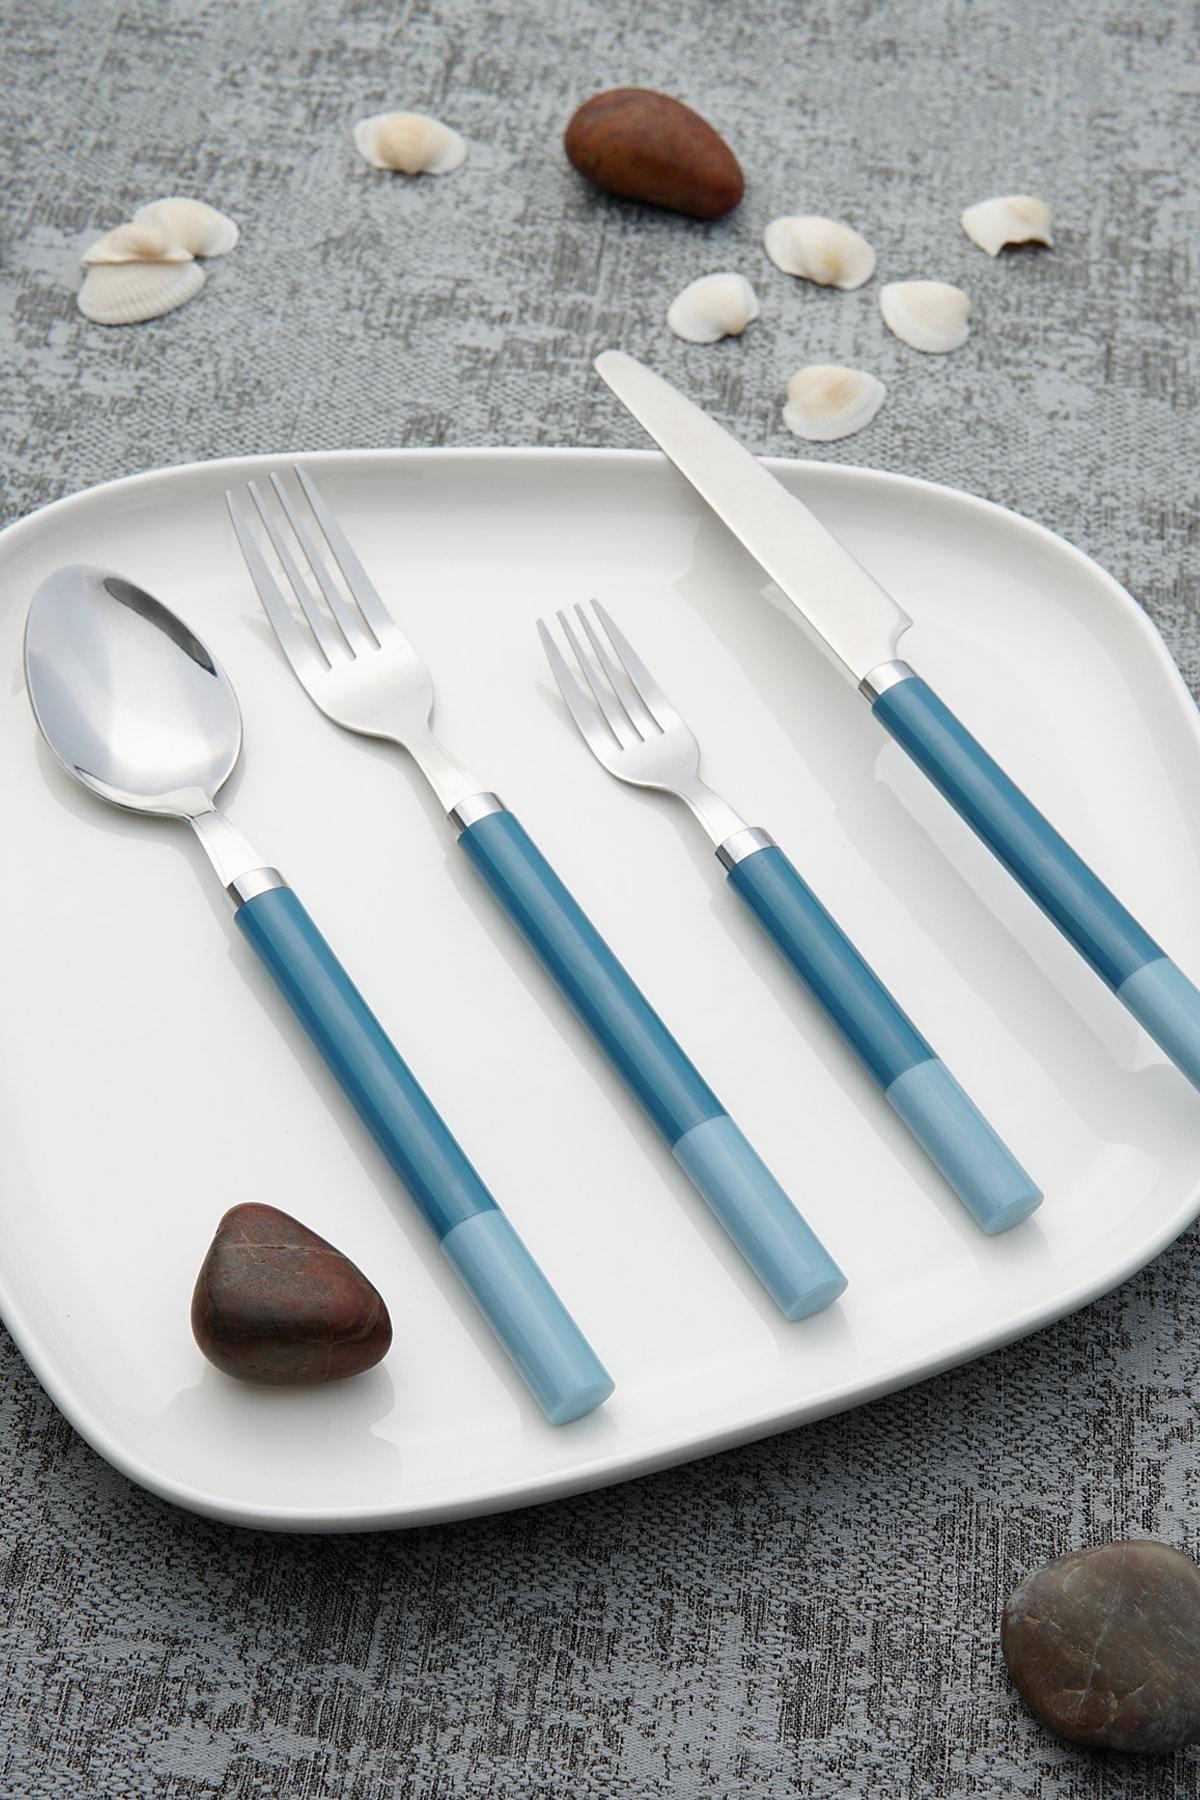 ACAR Laura Paslanmaz Çelik 24 Parça Kaşık Çatal Bıçak Takımı - Mavi 1